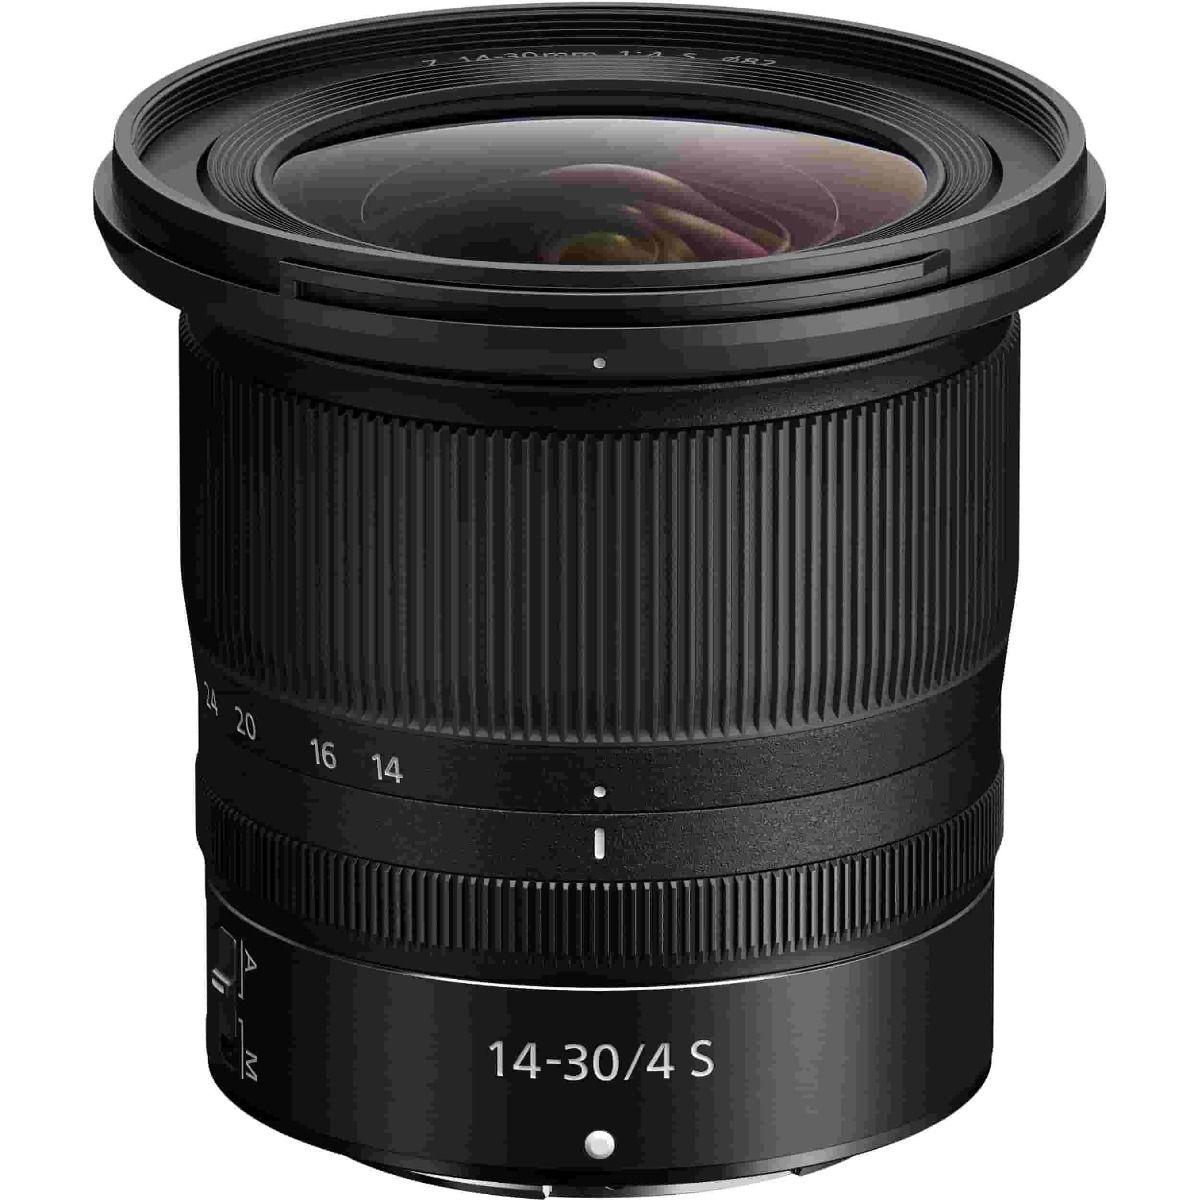 Nikon Z 14-30mm f/4 S  Lens,Nikon Z 14-30mm f/4 S  Lens,Nikon Z 14-30mm f/4 S  Lens